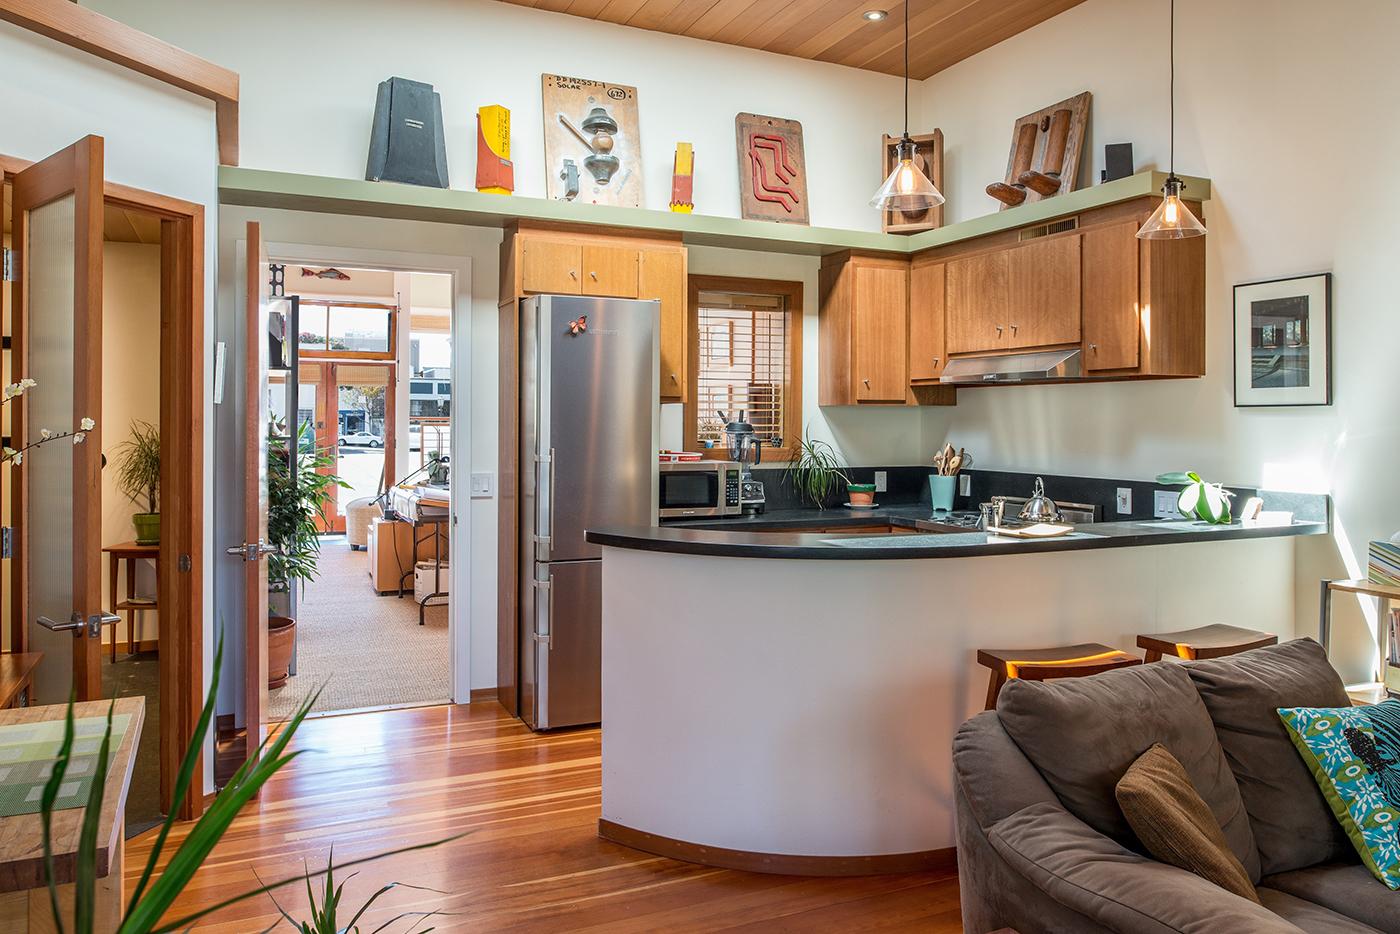 7-211-kitchen.jpg